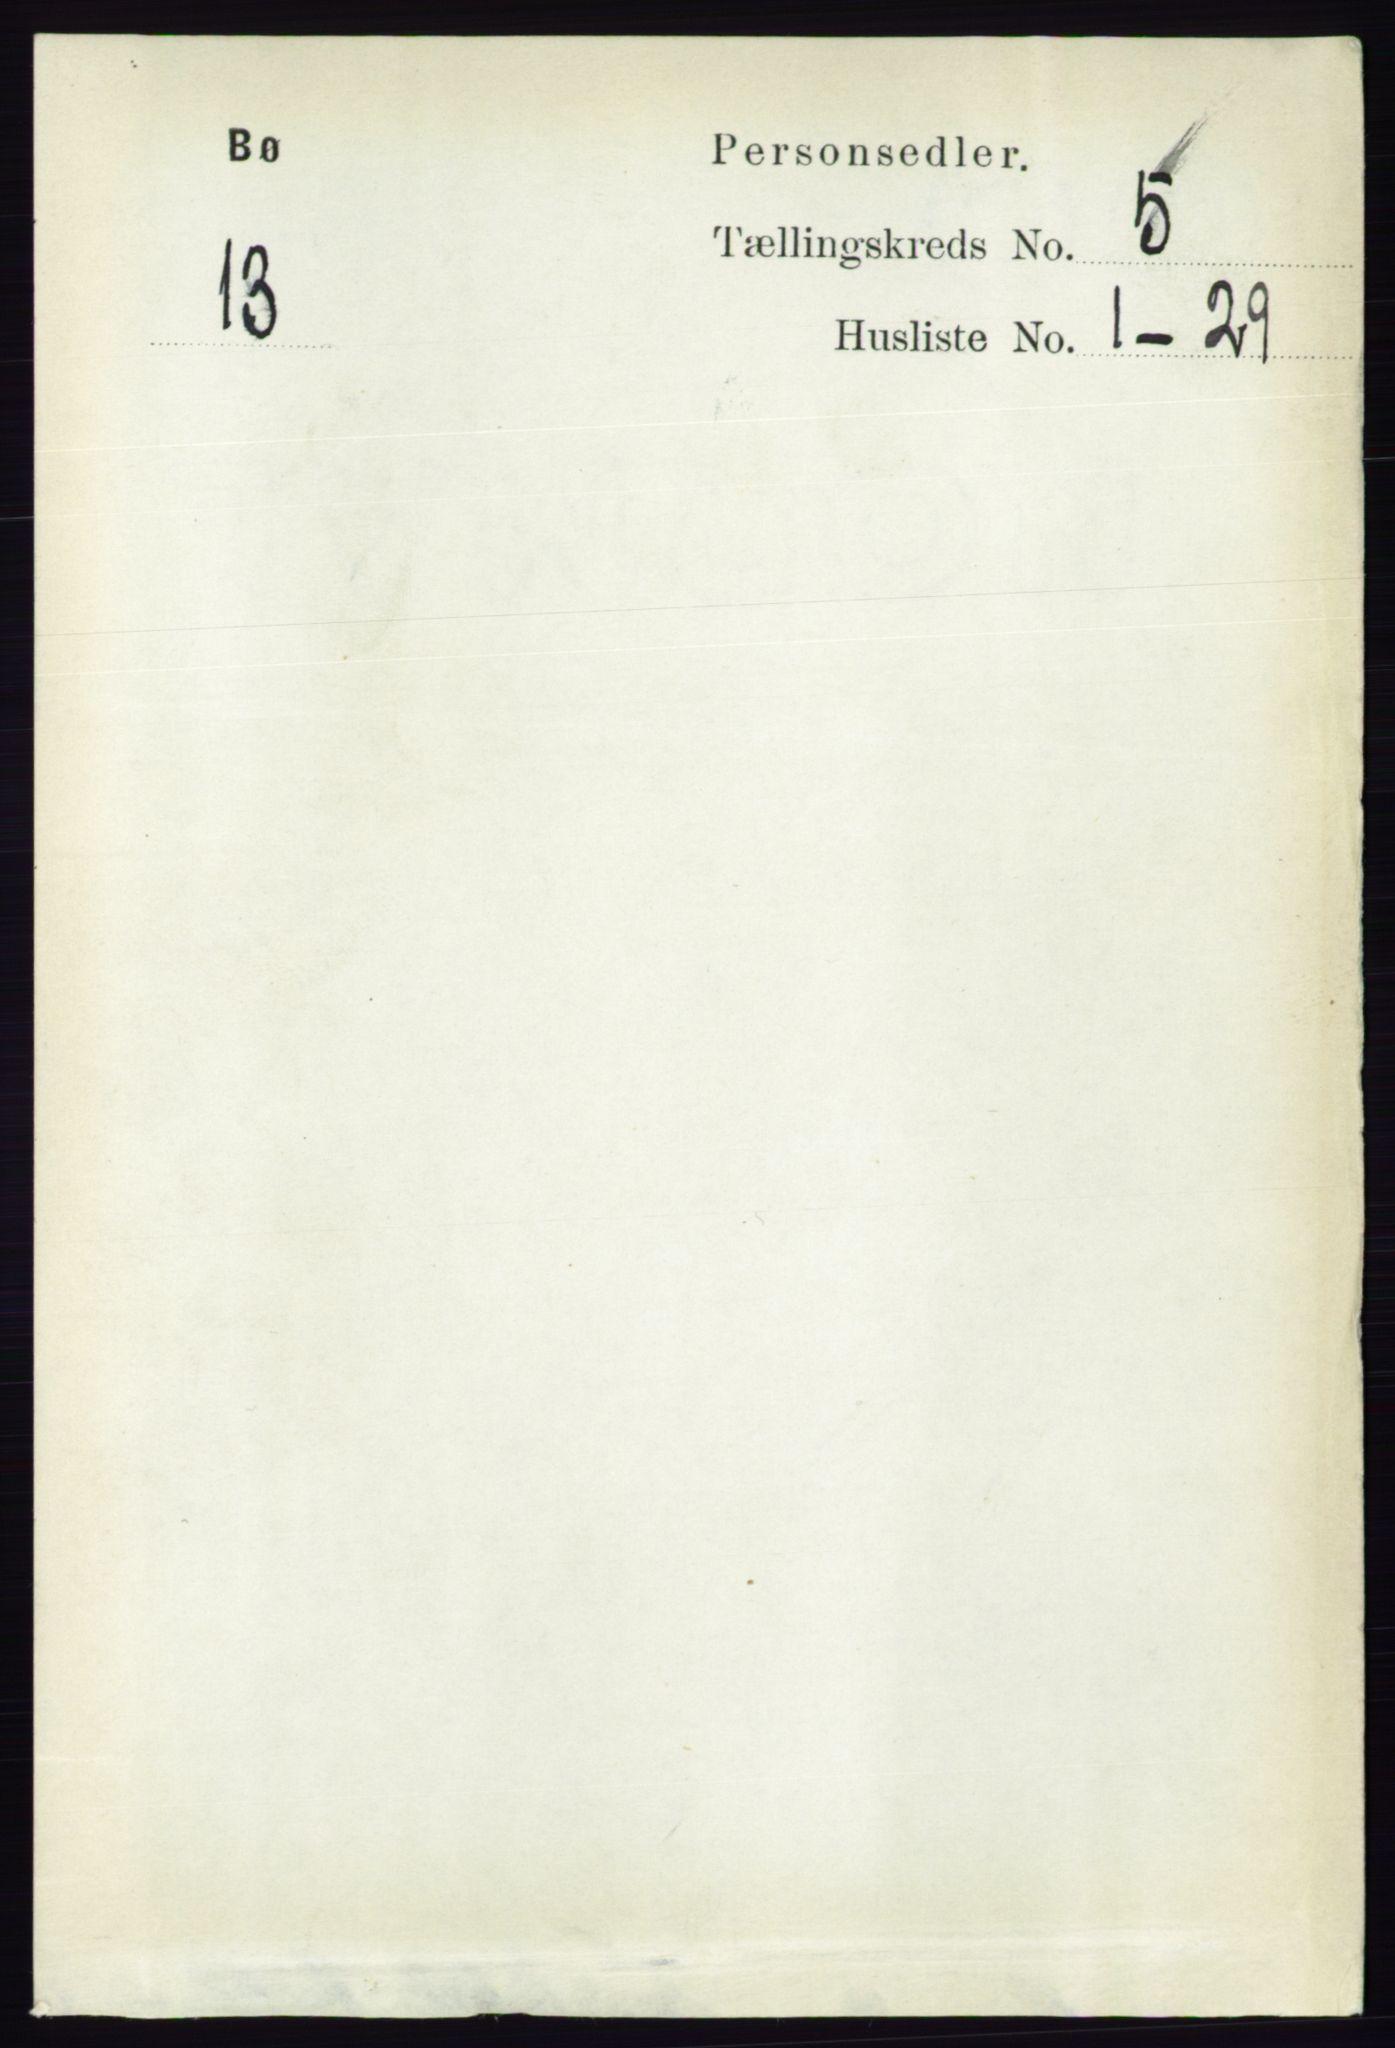 RA, Folketelling 1891 for 0821 Bø herred, 1891, s. 1418